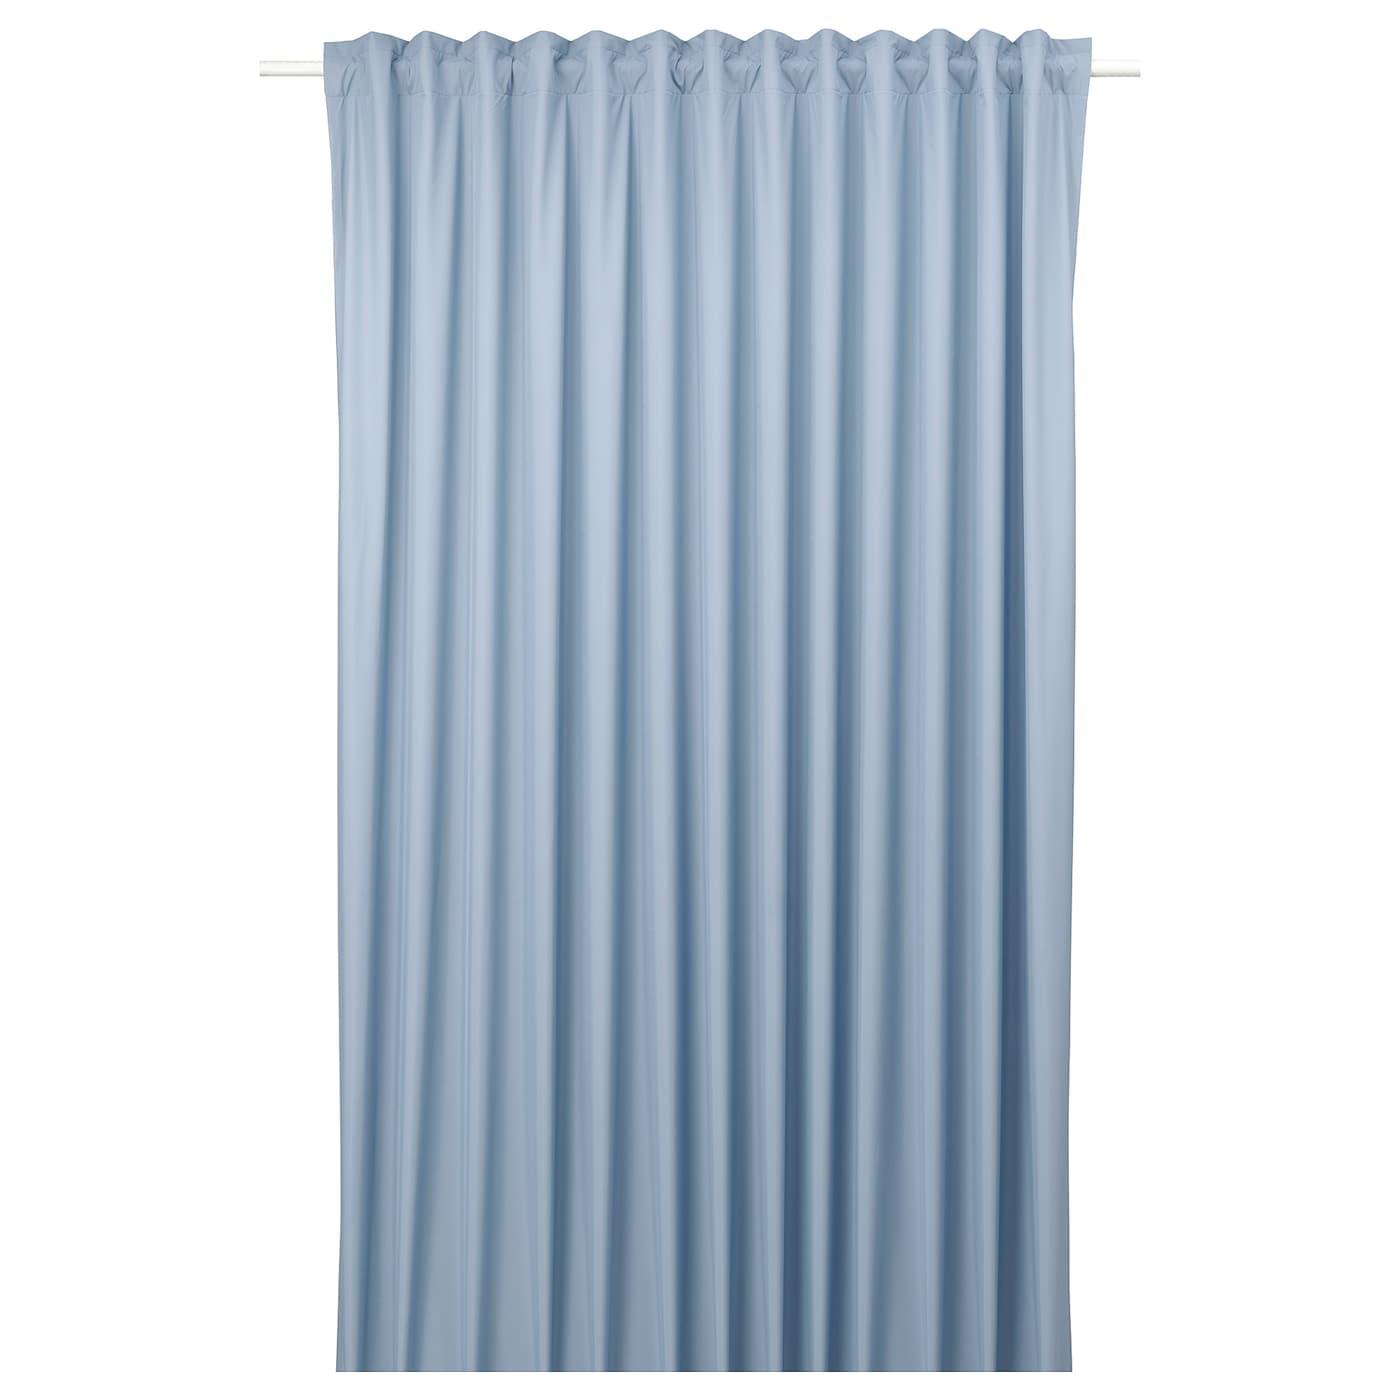 Bengta Black Out Curtain 1 Length